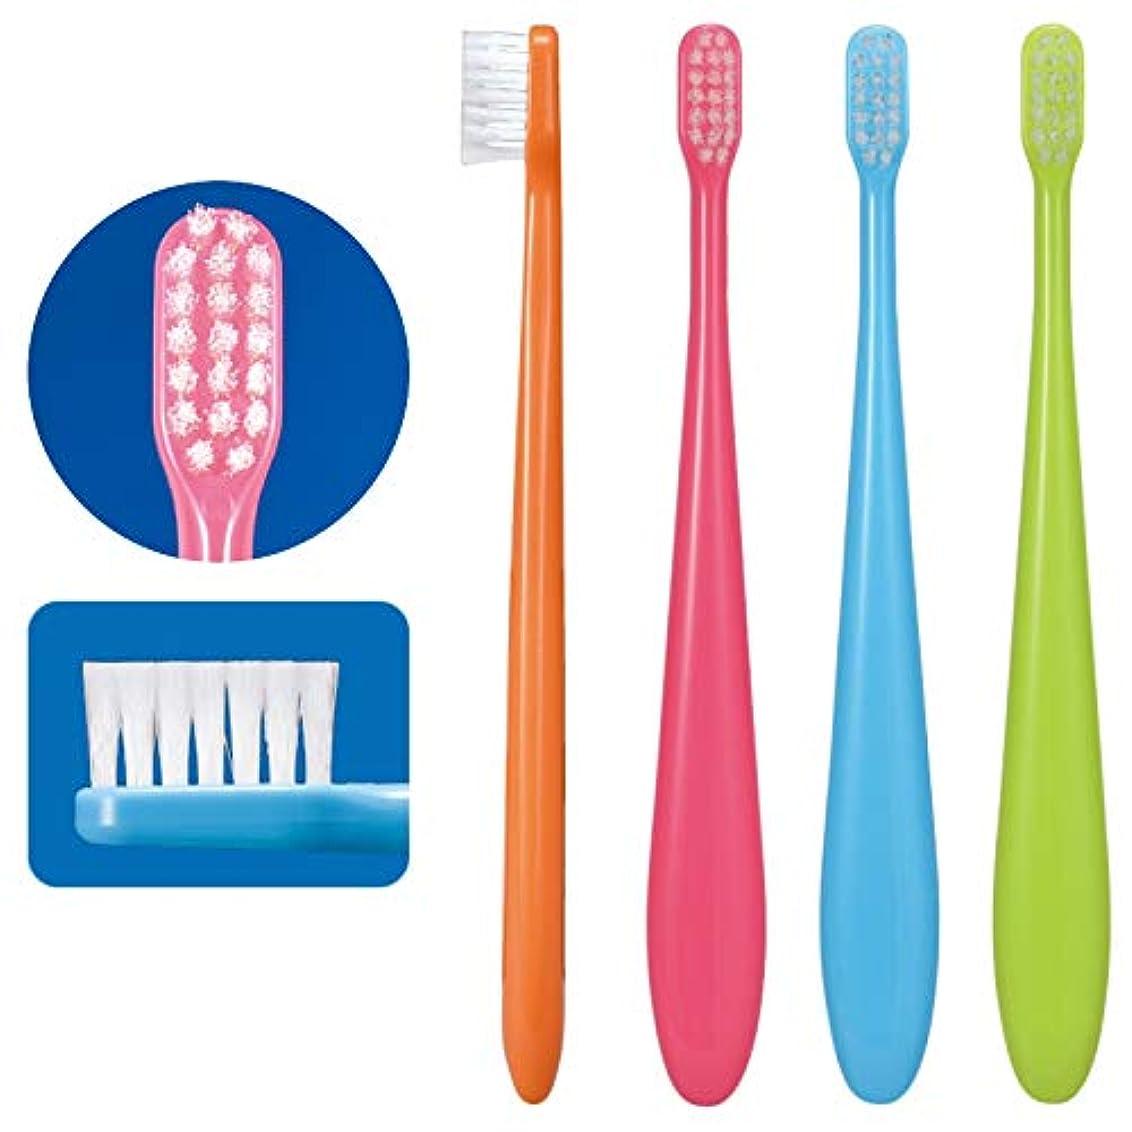 教師の日入り口引き付けるCi ミニ歯ブラシ ミディミルキー 20本 M(ふつう) 歯科専売品 日本製